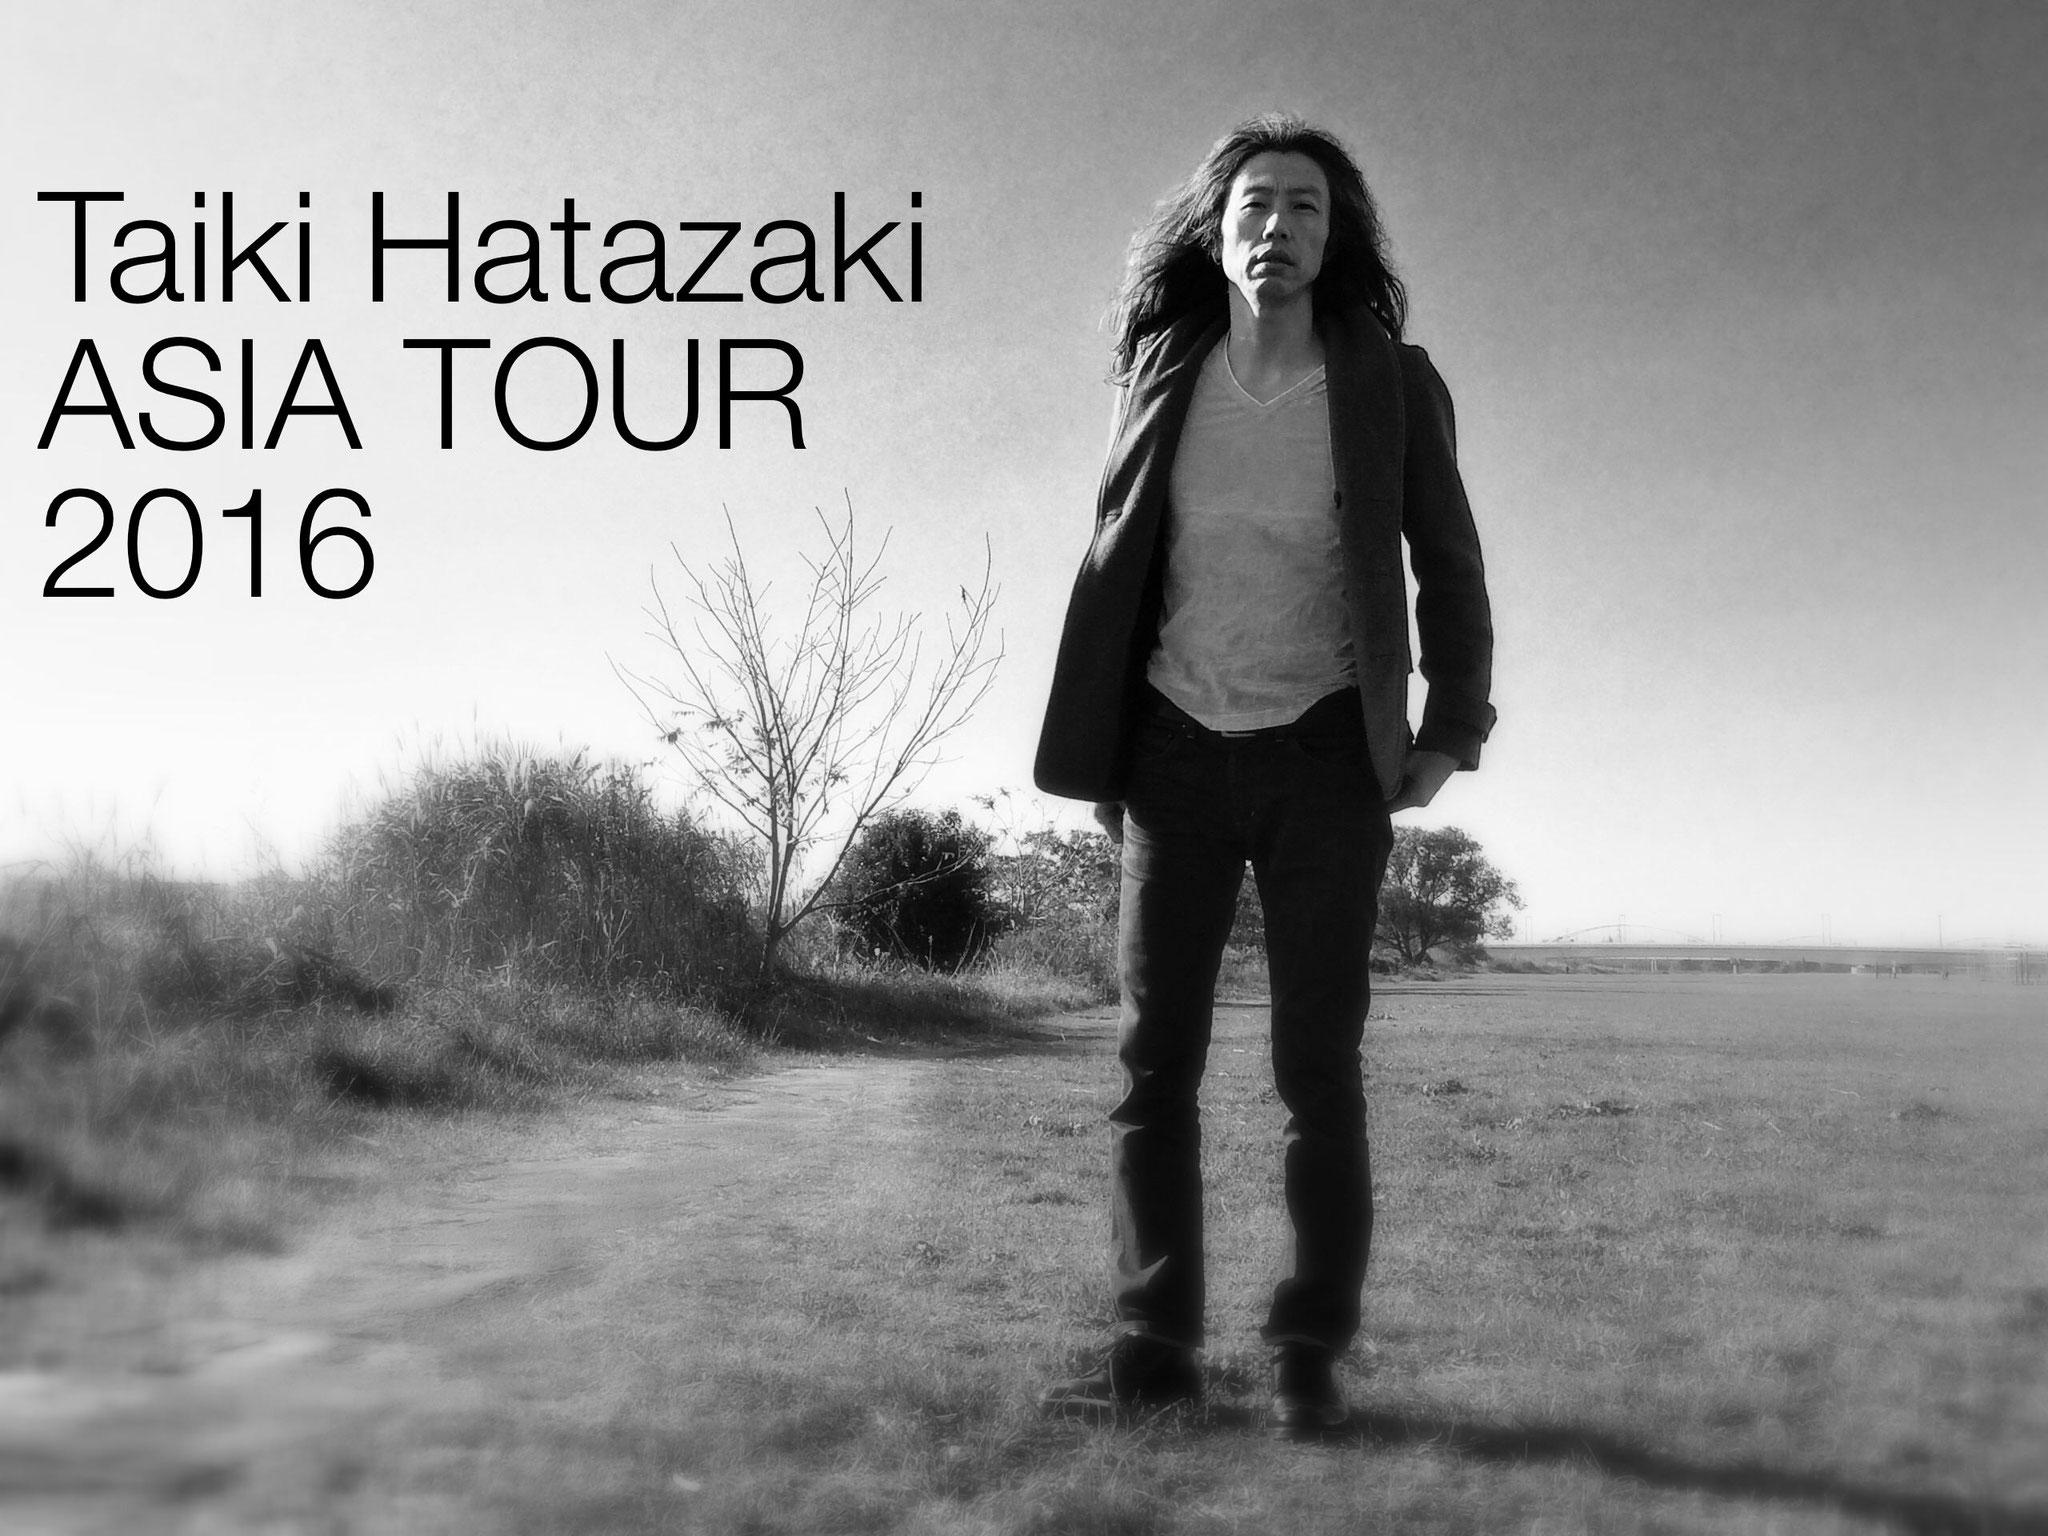 Taiki Hatazaki ASIA TOUR 2016